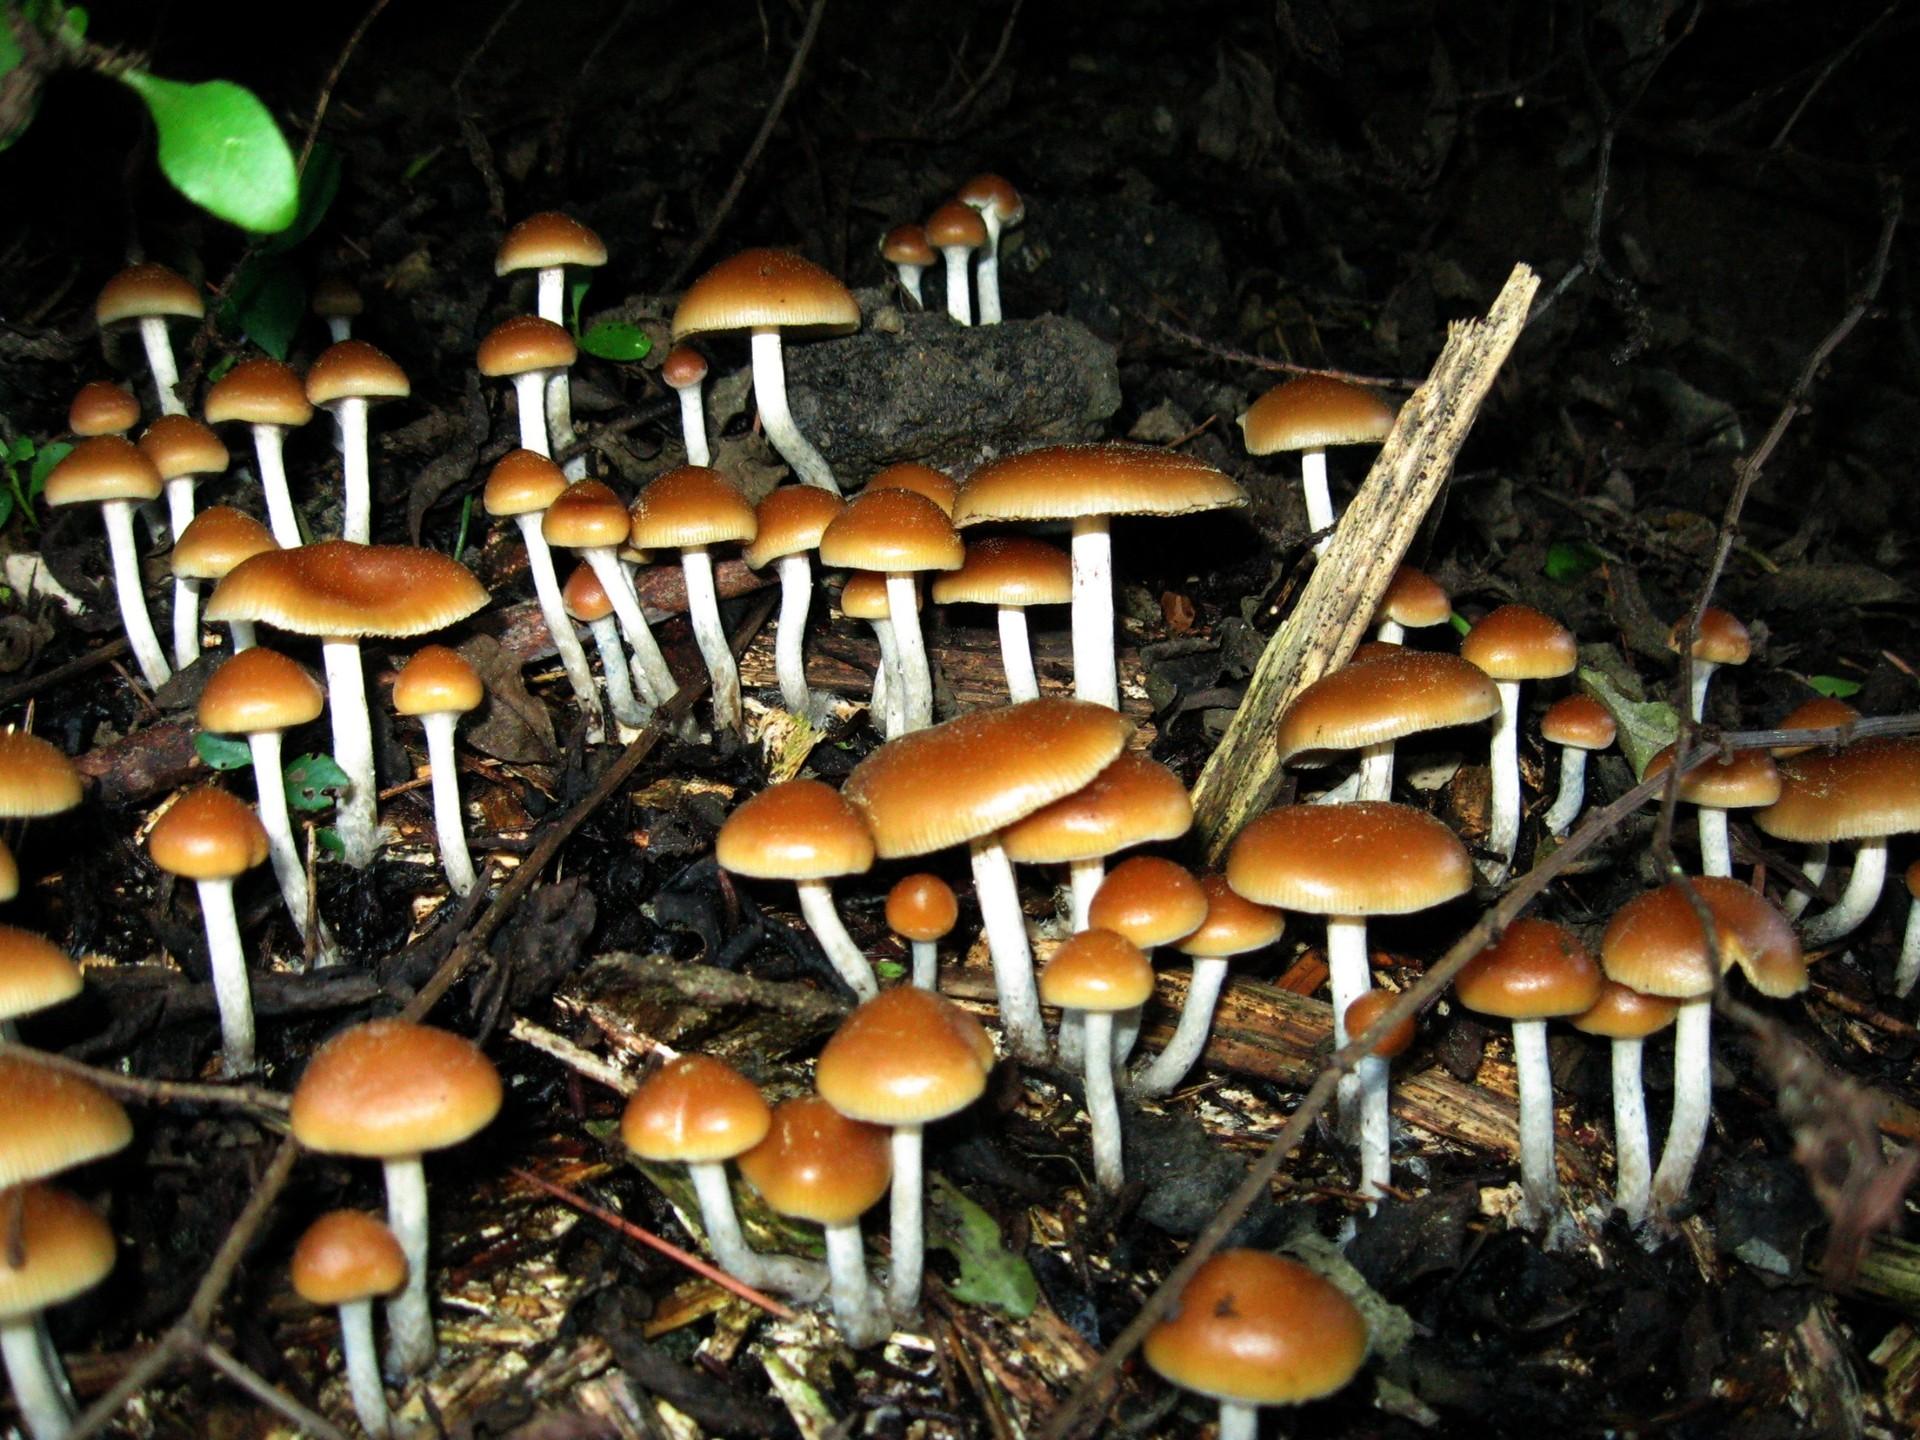 Cogumelos que contém psilocibina (Foto: Wikimedia Commons)